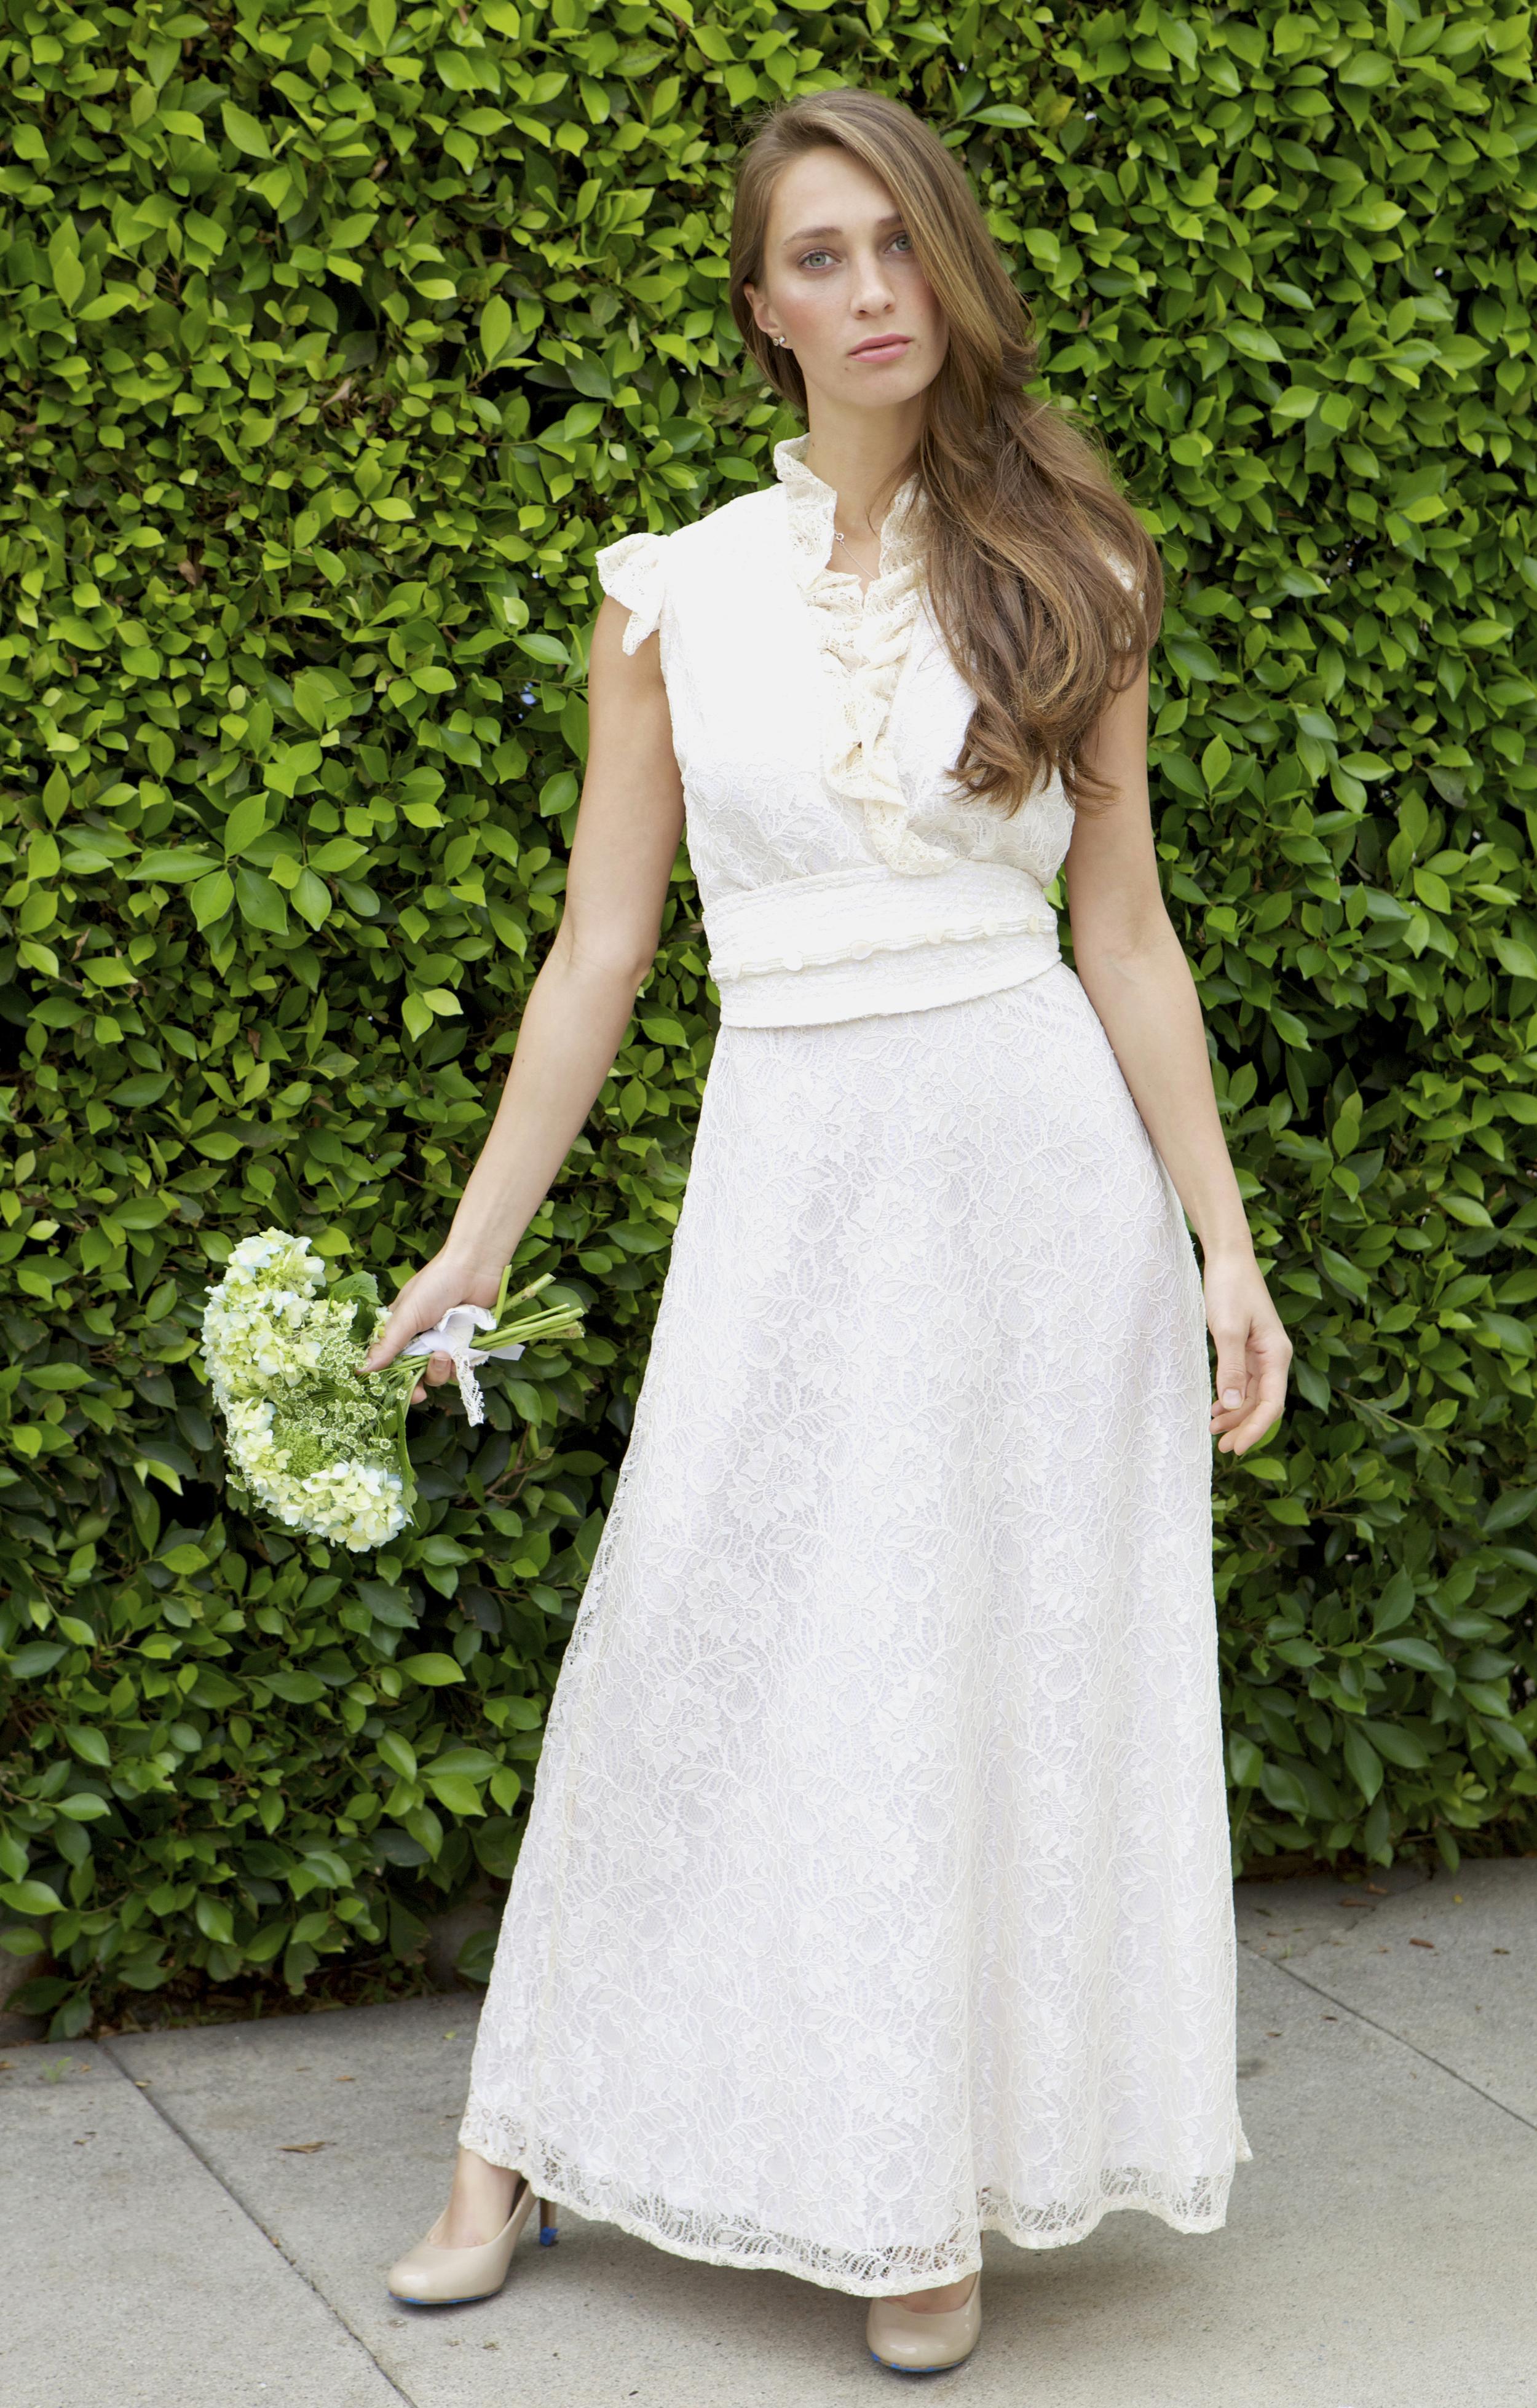 Ruffle edged lace wedding dress with beaded obi belt.